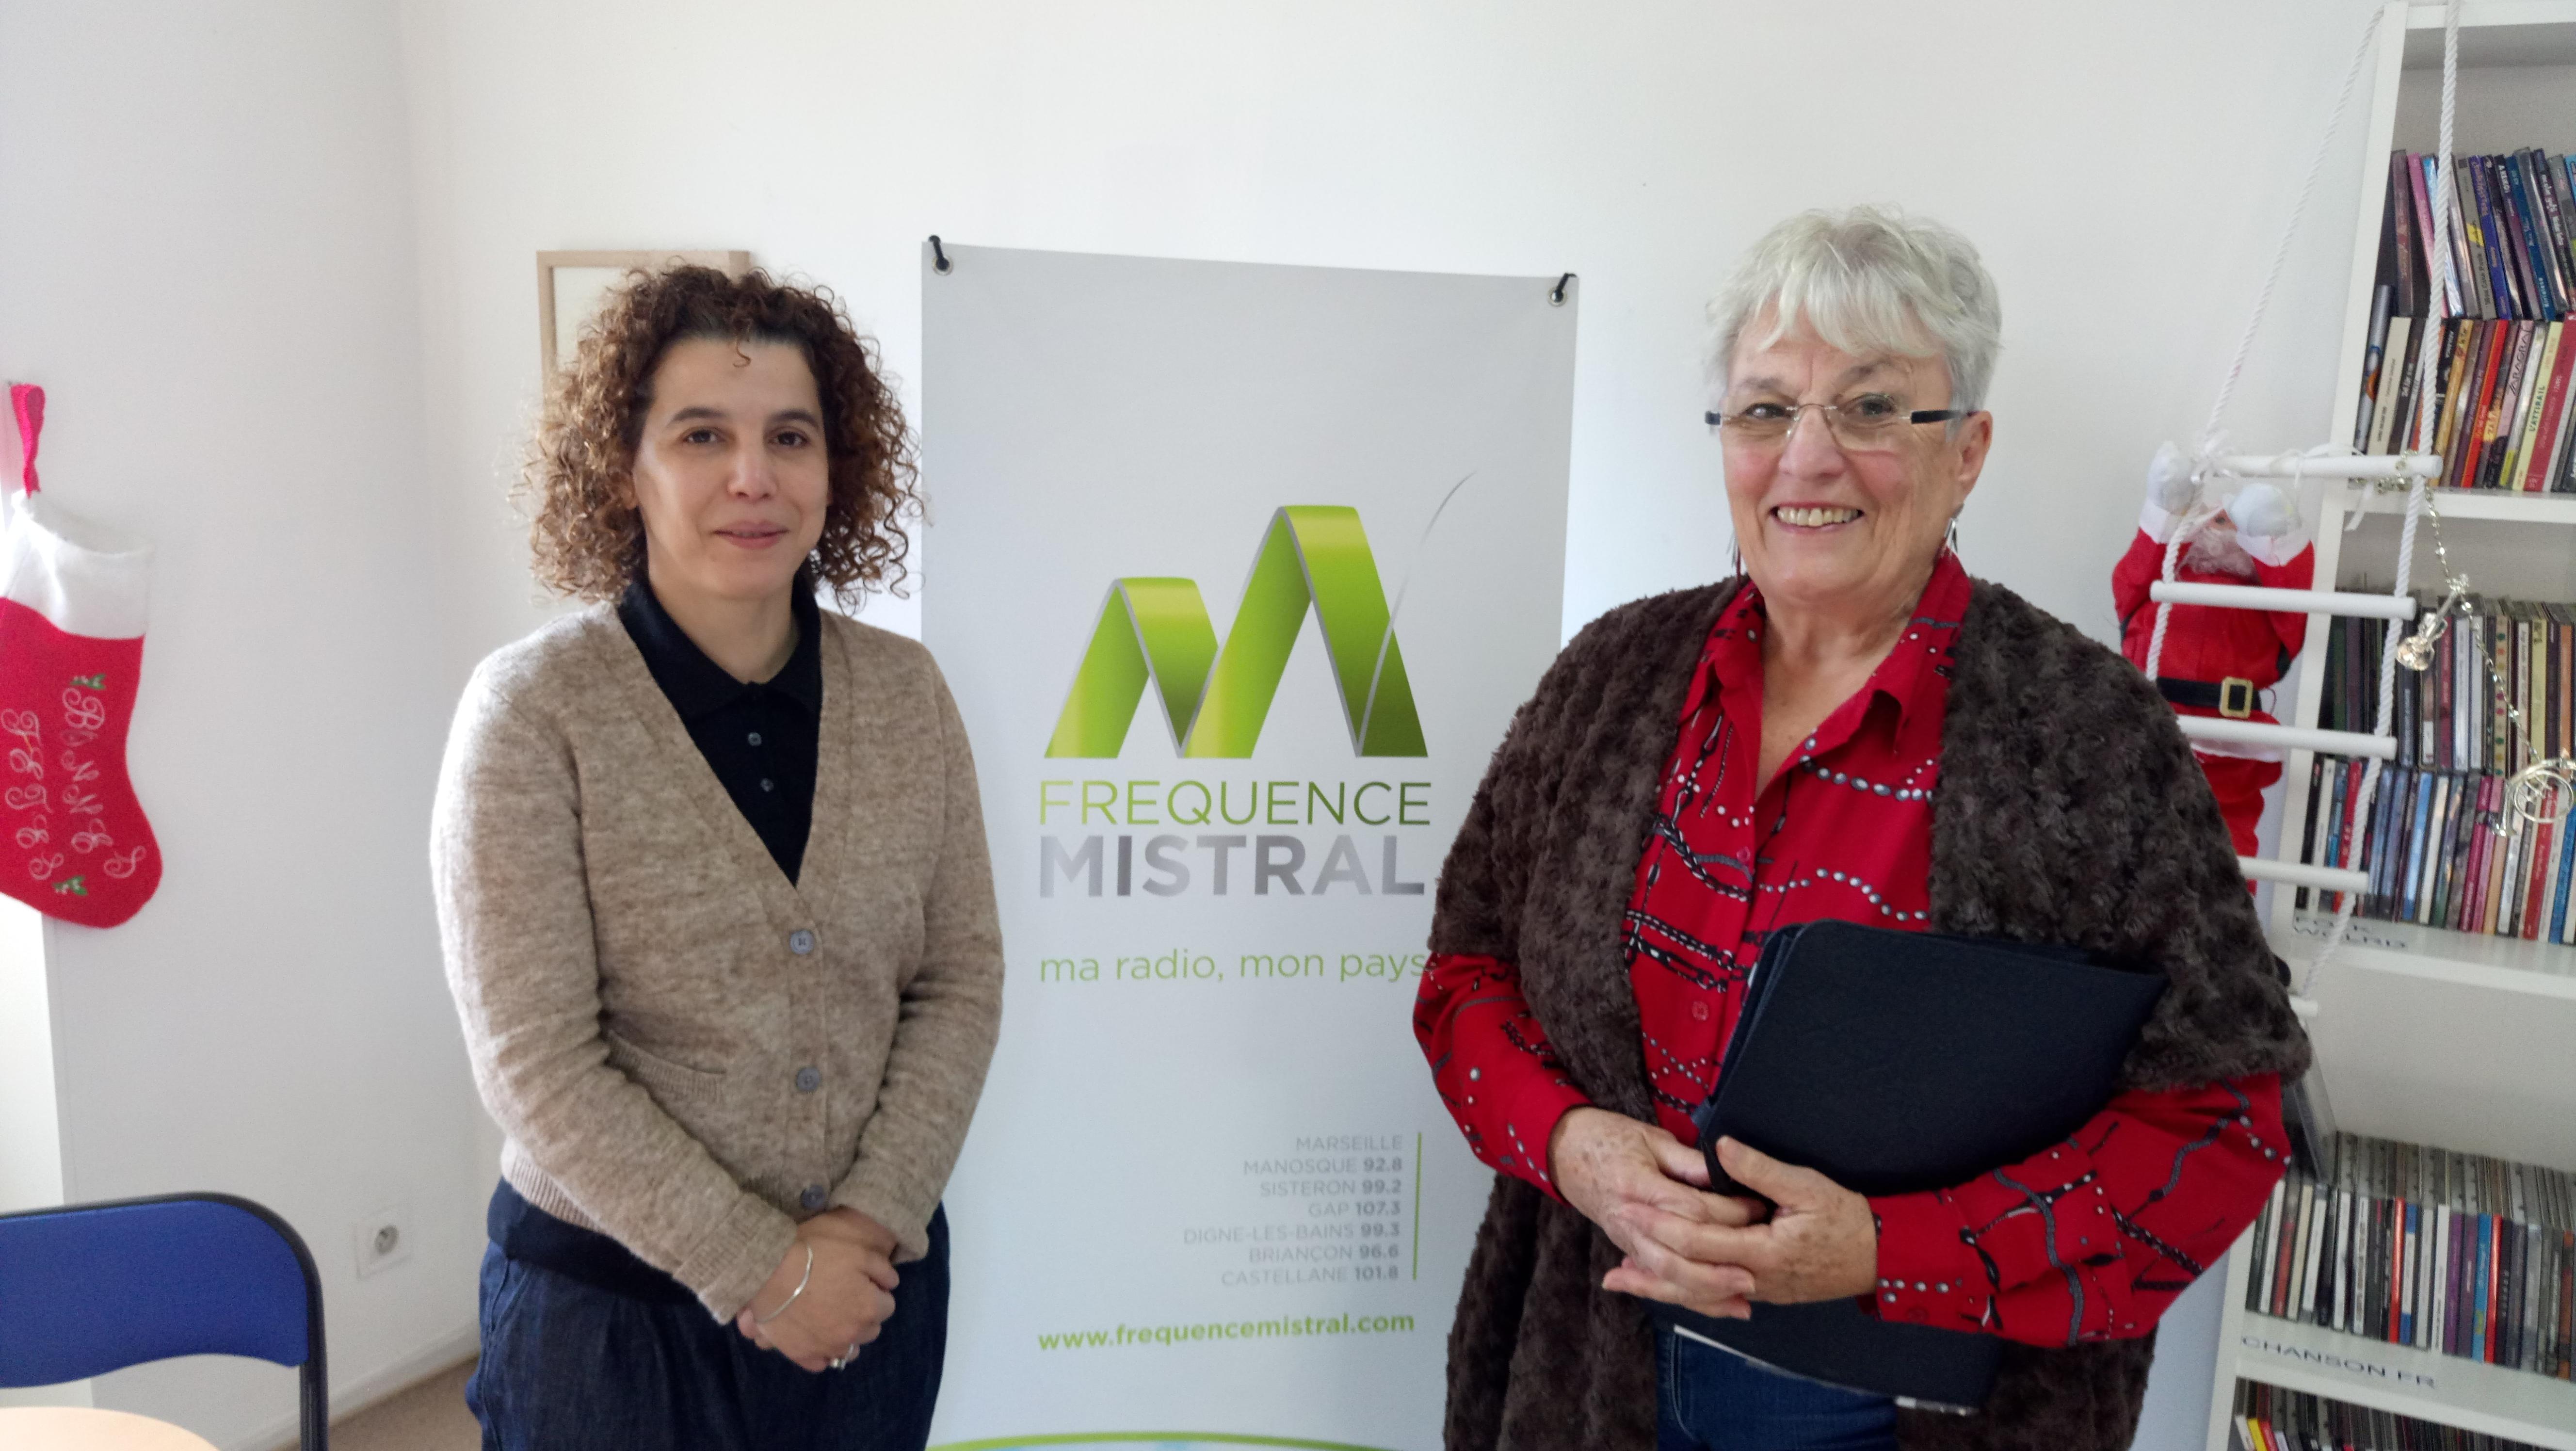 La MJC de Manosque fête ses 50 ans